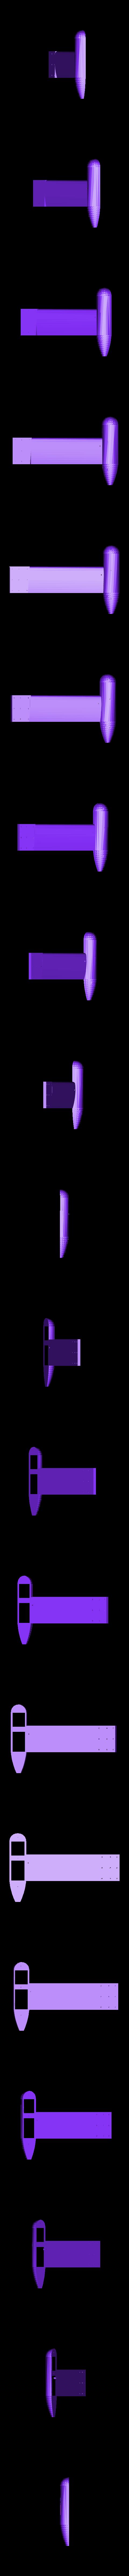 keel_right.stl Télécharger fichier STL gratuit Voilier à voile • Objet pour impression 3D, Rusichar